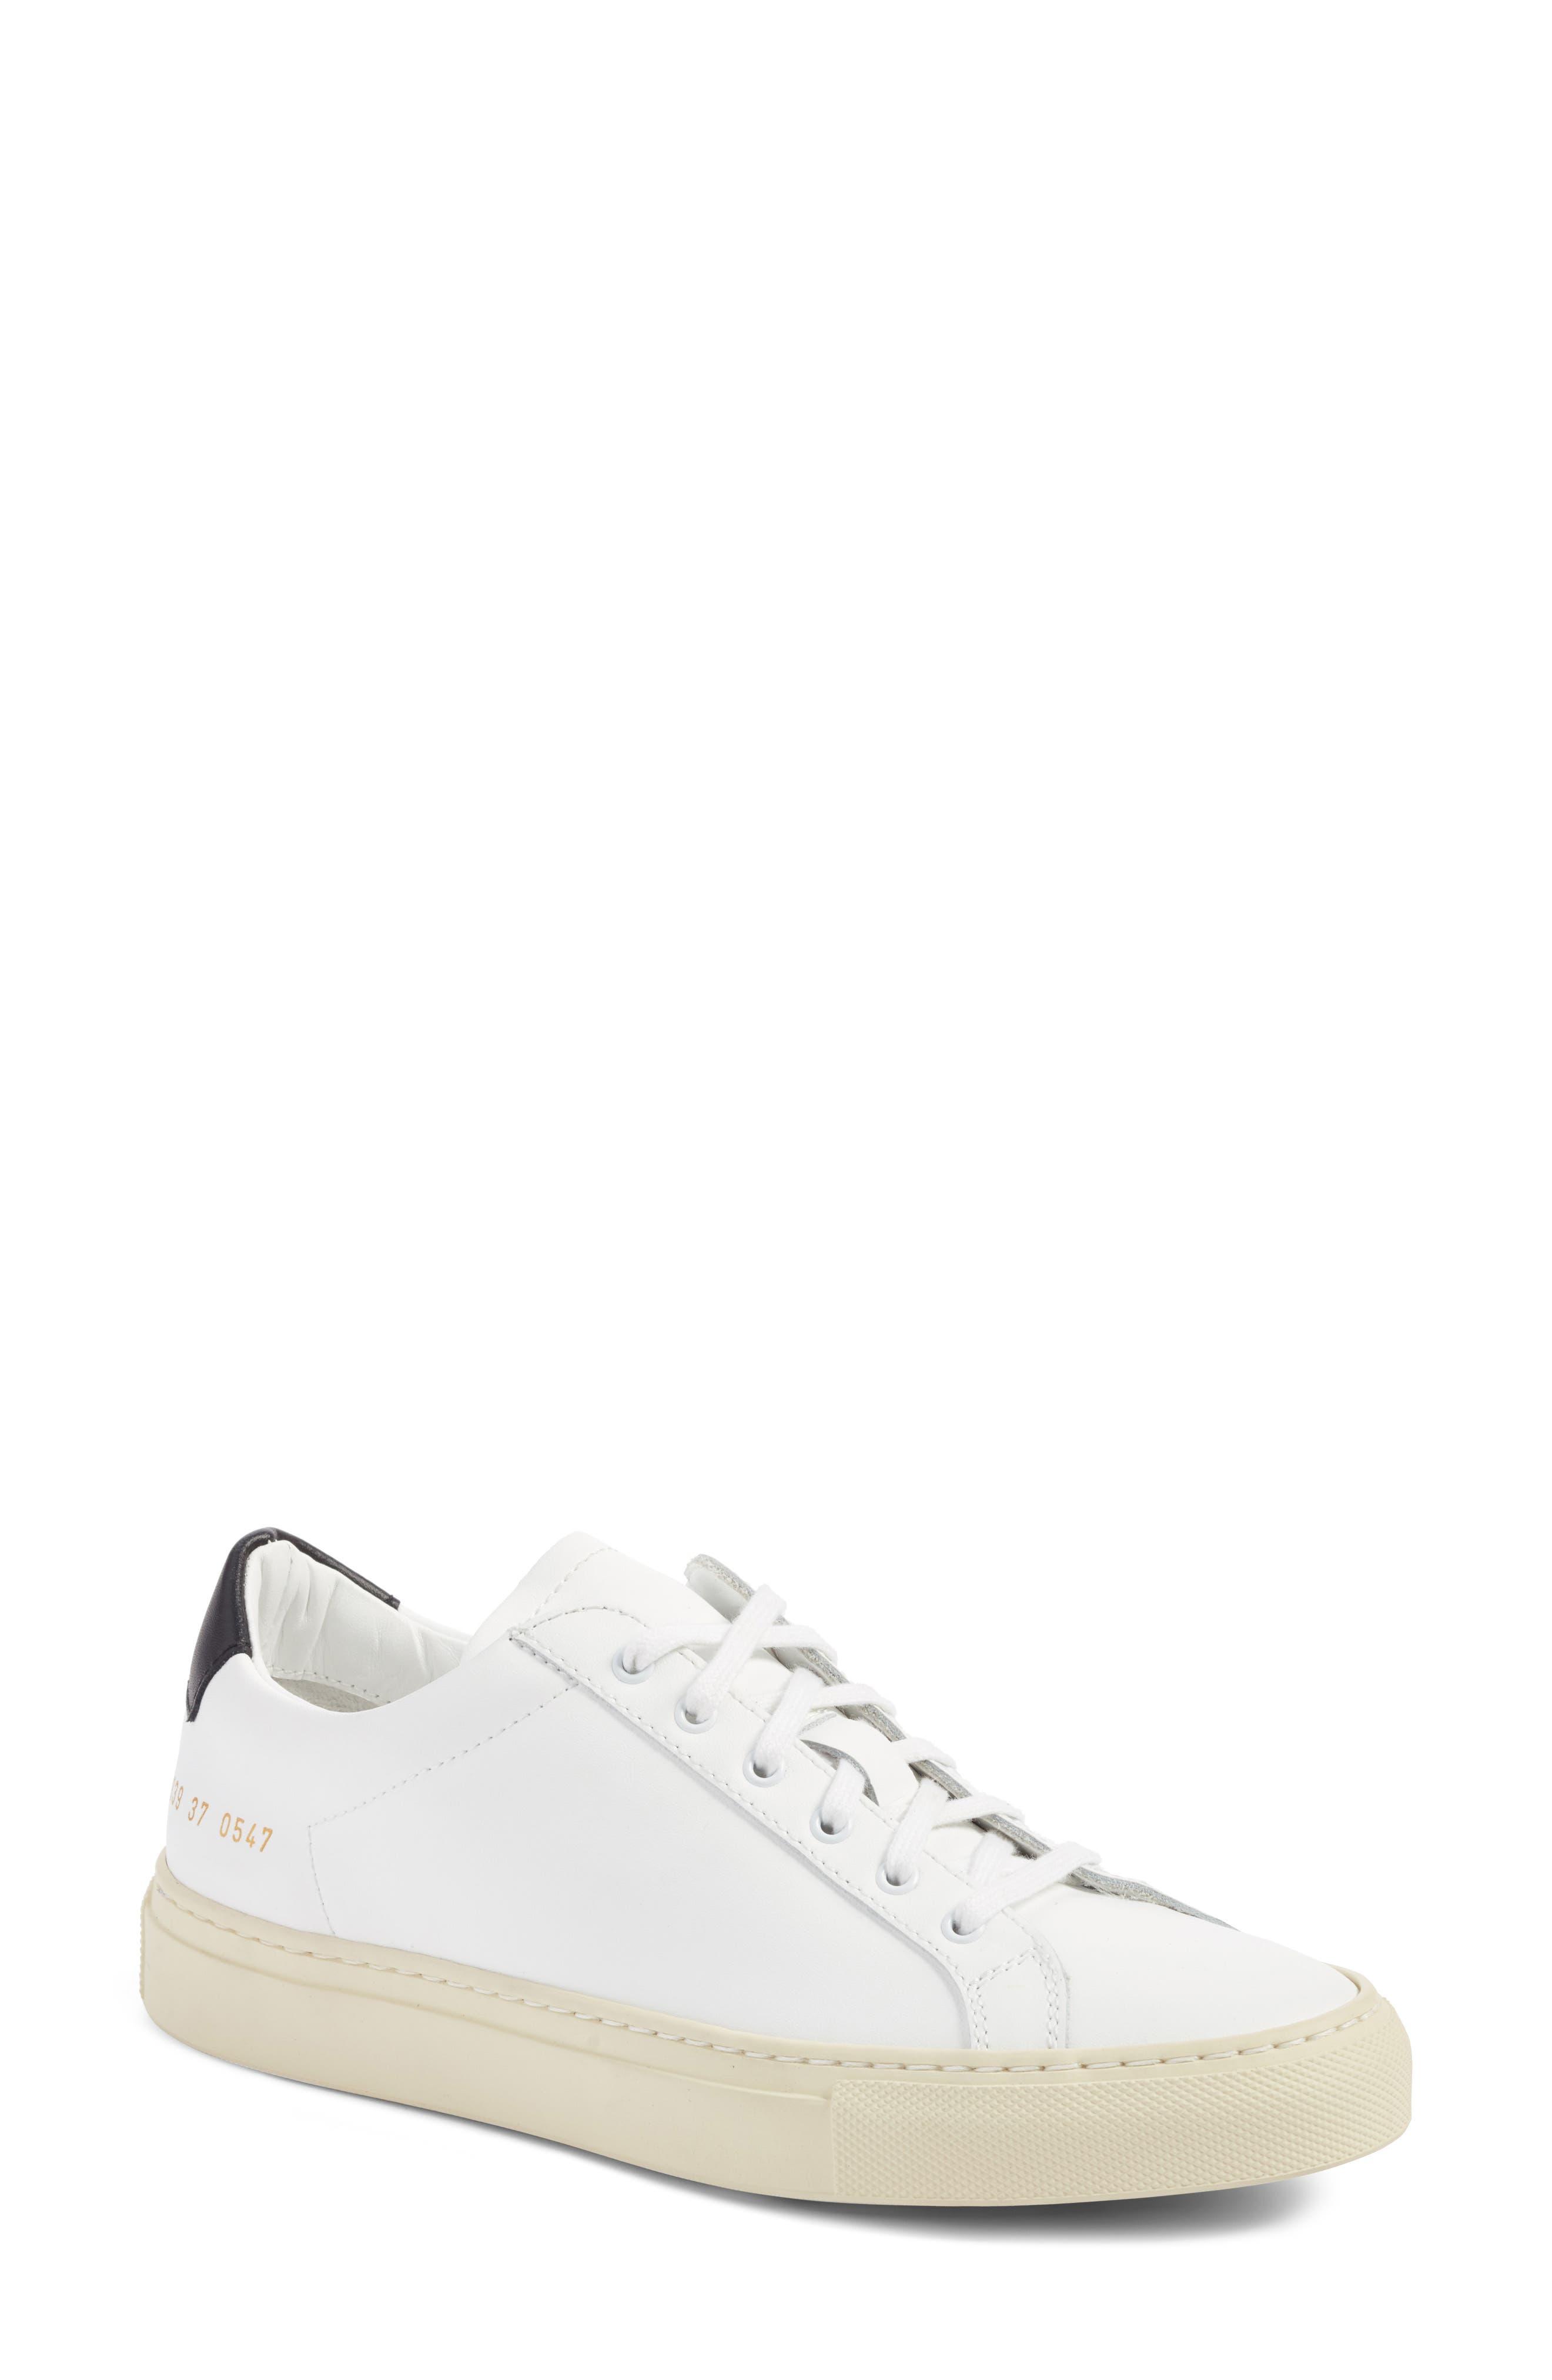 Achilles Low Top Sneaker,                         Main,                         color, White/ Black